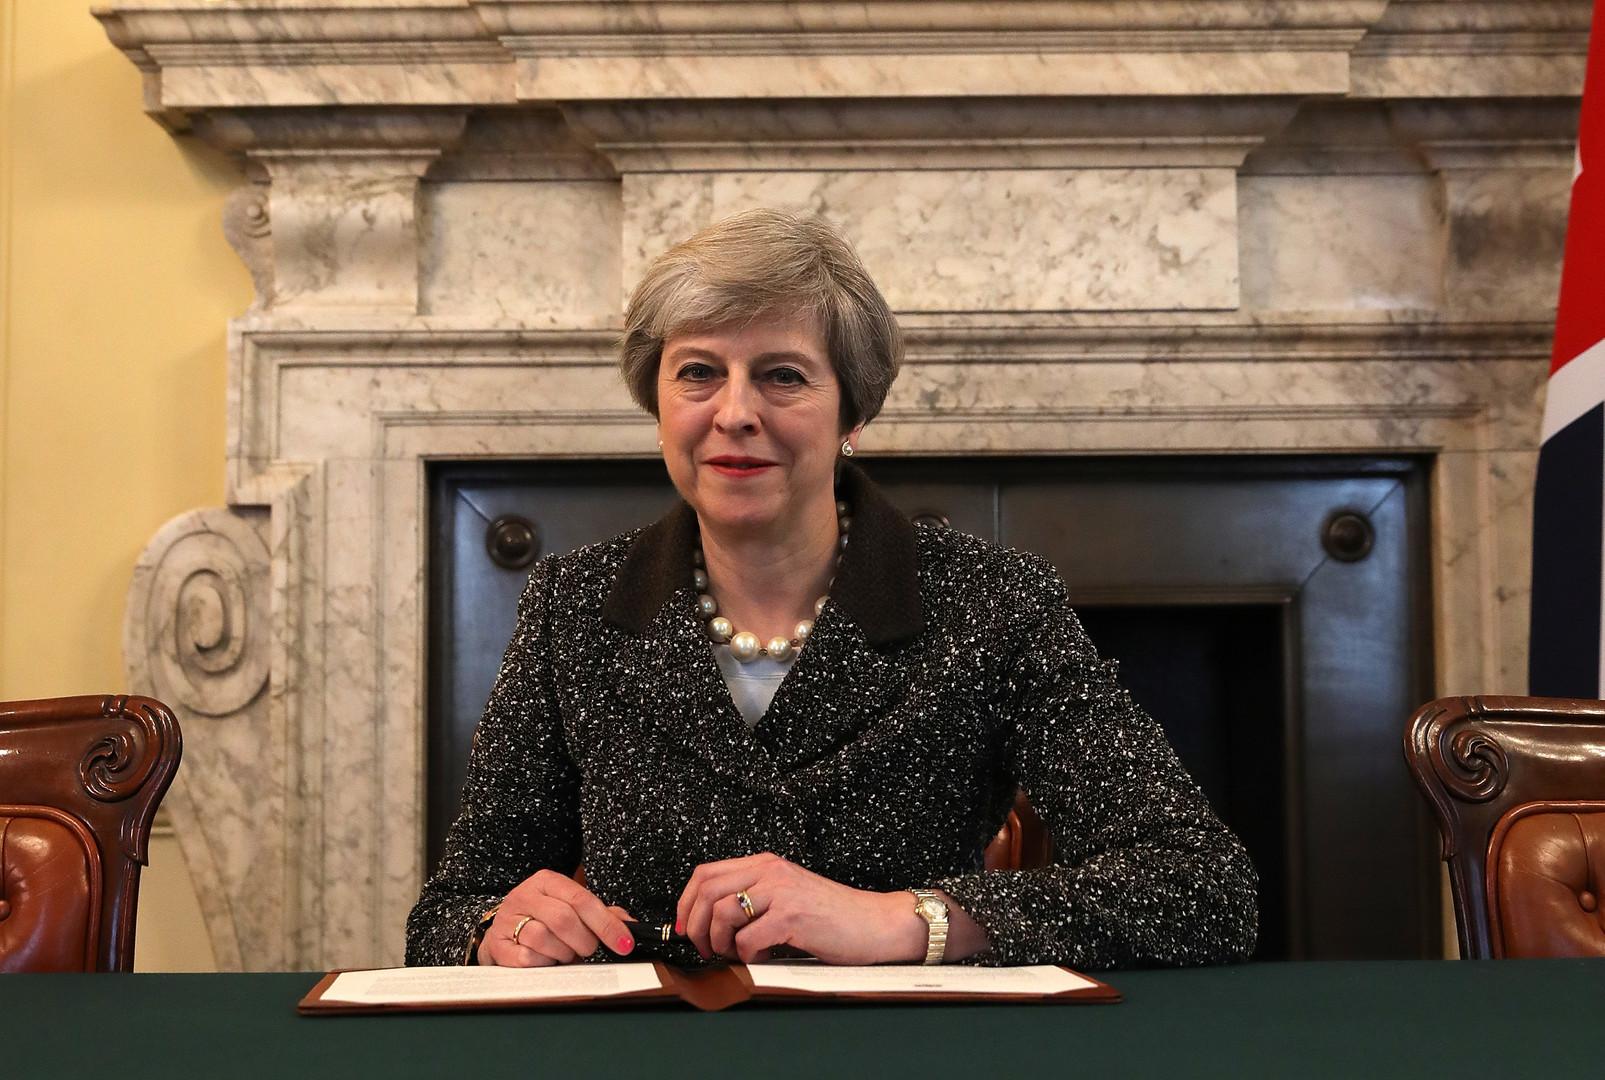 Theresa May a signé la lettre qui va déclencher le Brexit (PHOTOS)